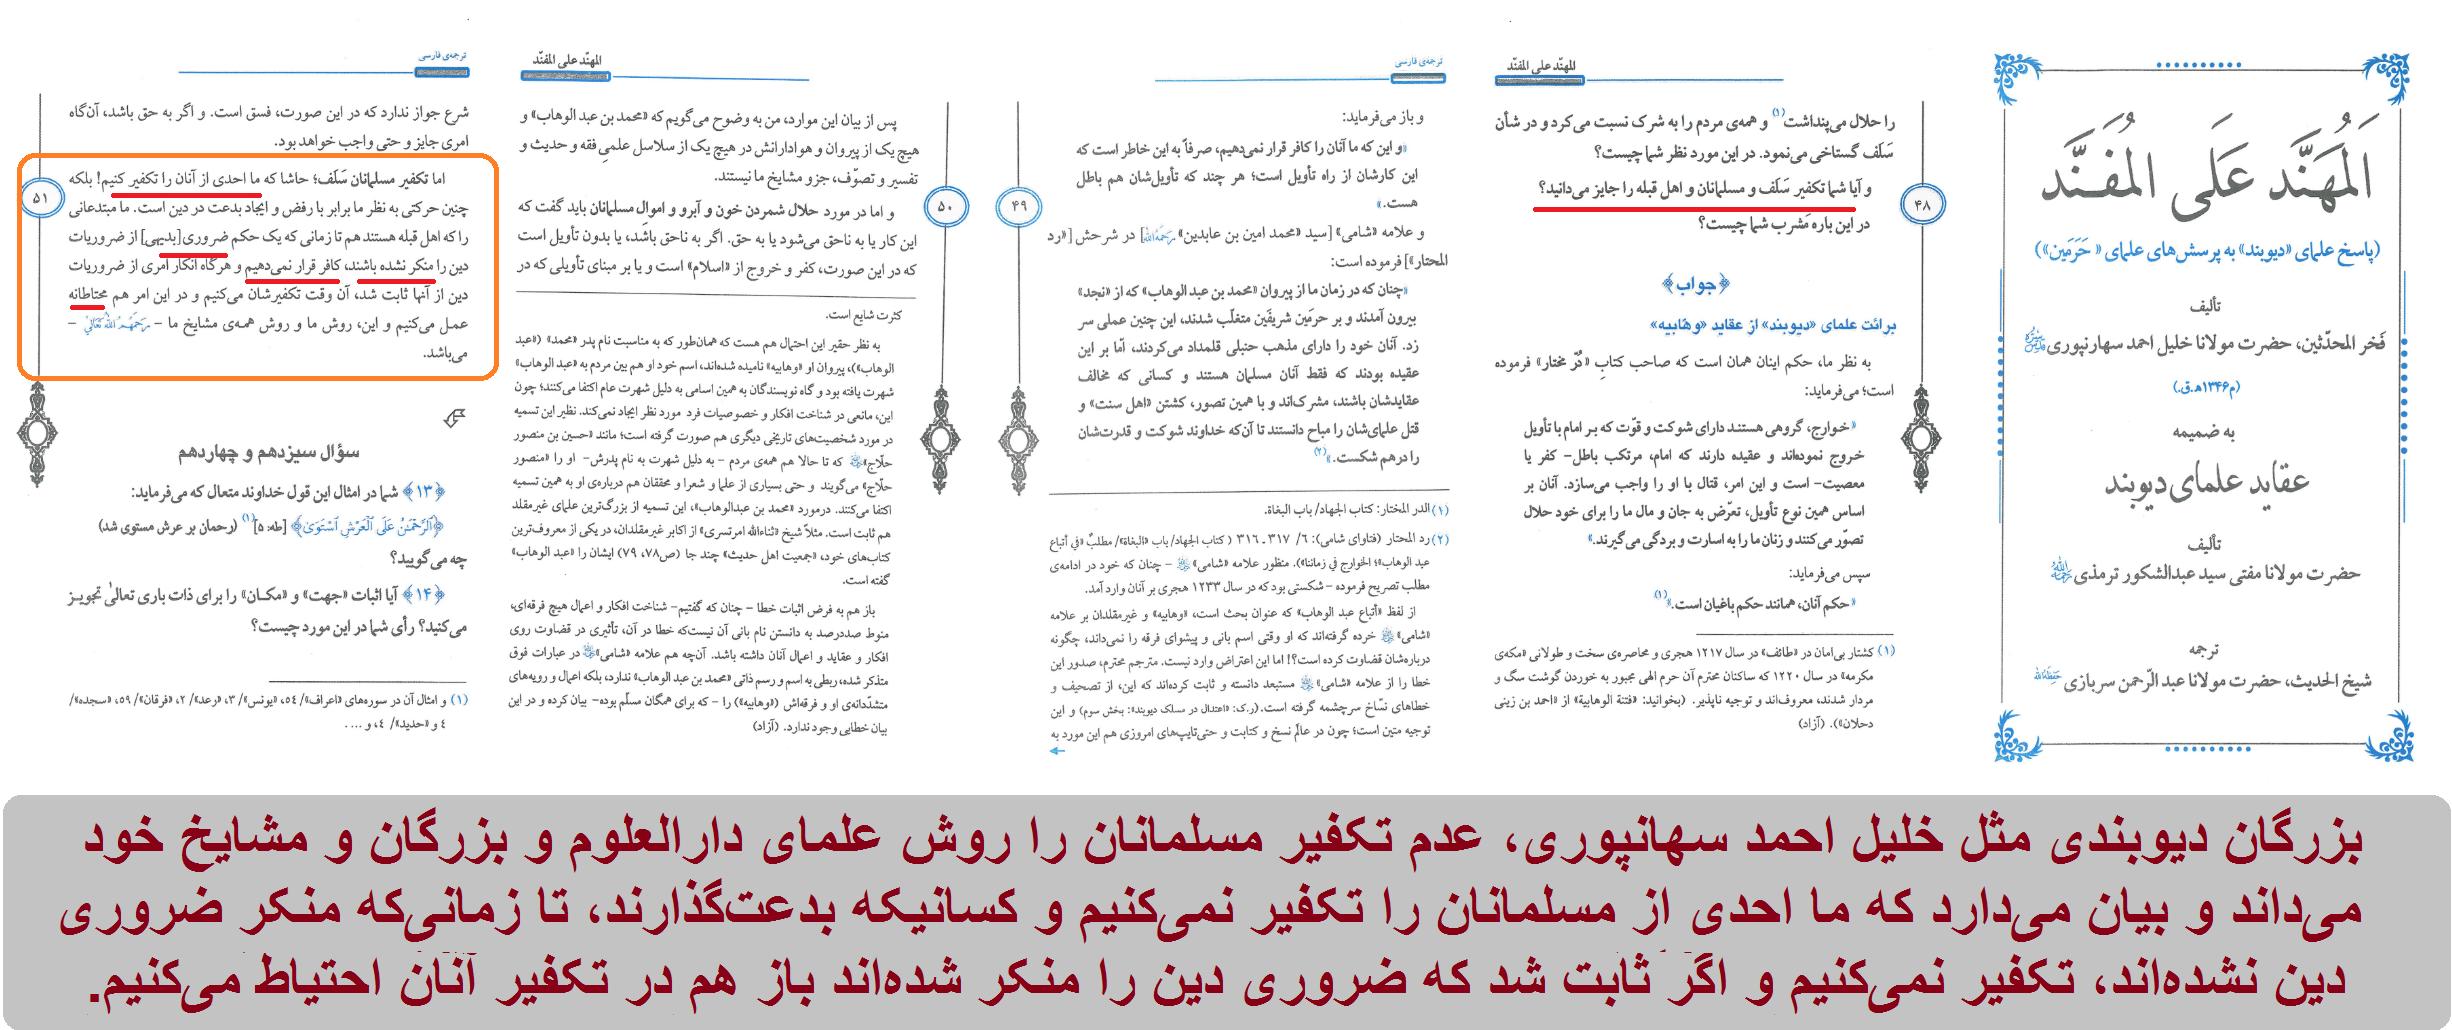 عدم تکفیر مسلمانان و احتیاط در تکفیر توسط علمای دیوبند